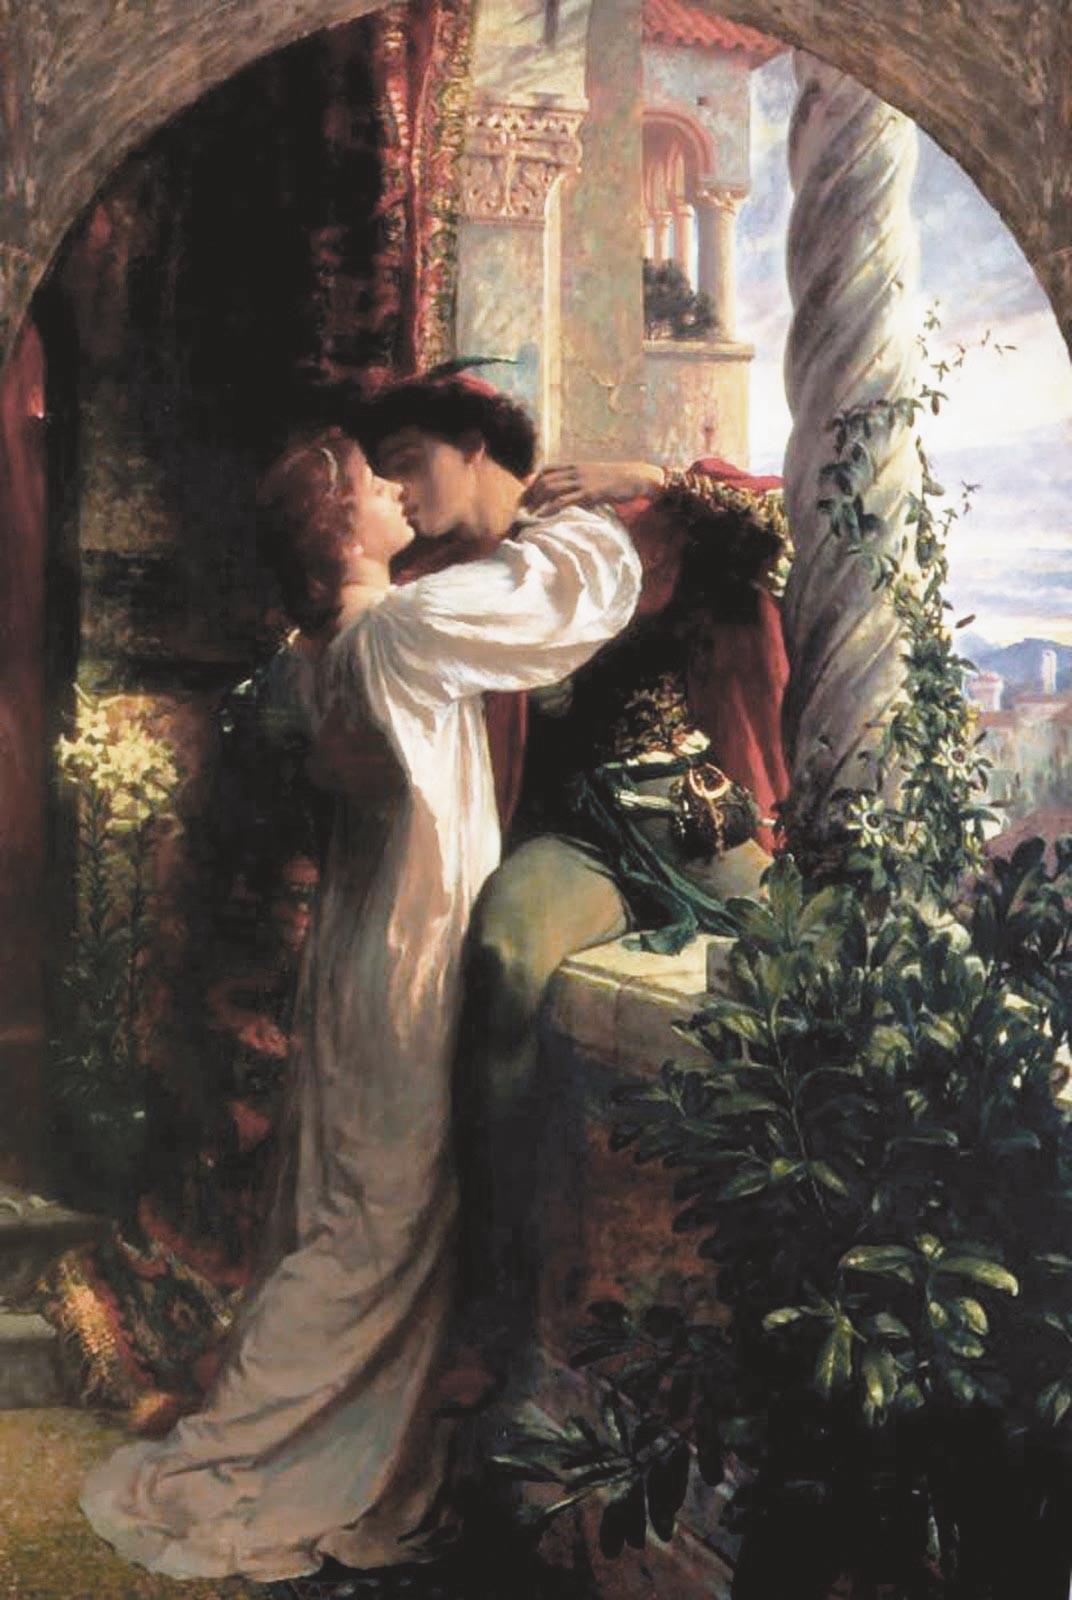 Ex. 7 Roméo et Juliette